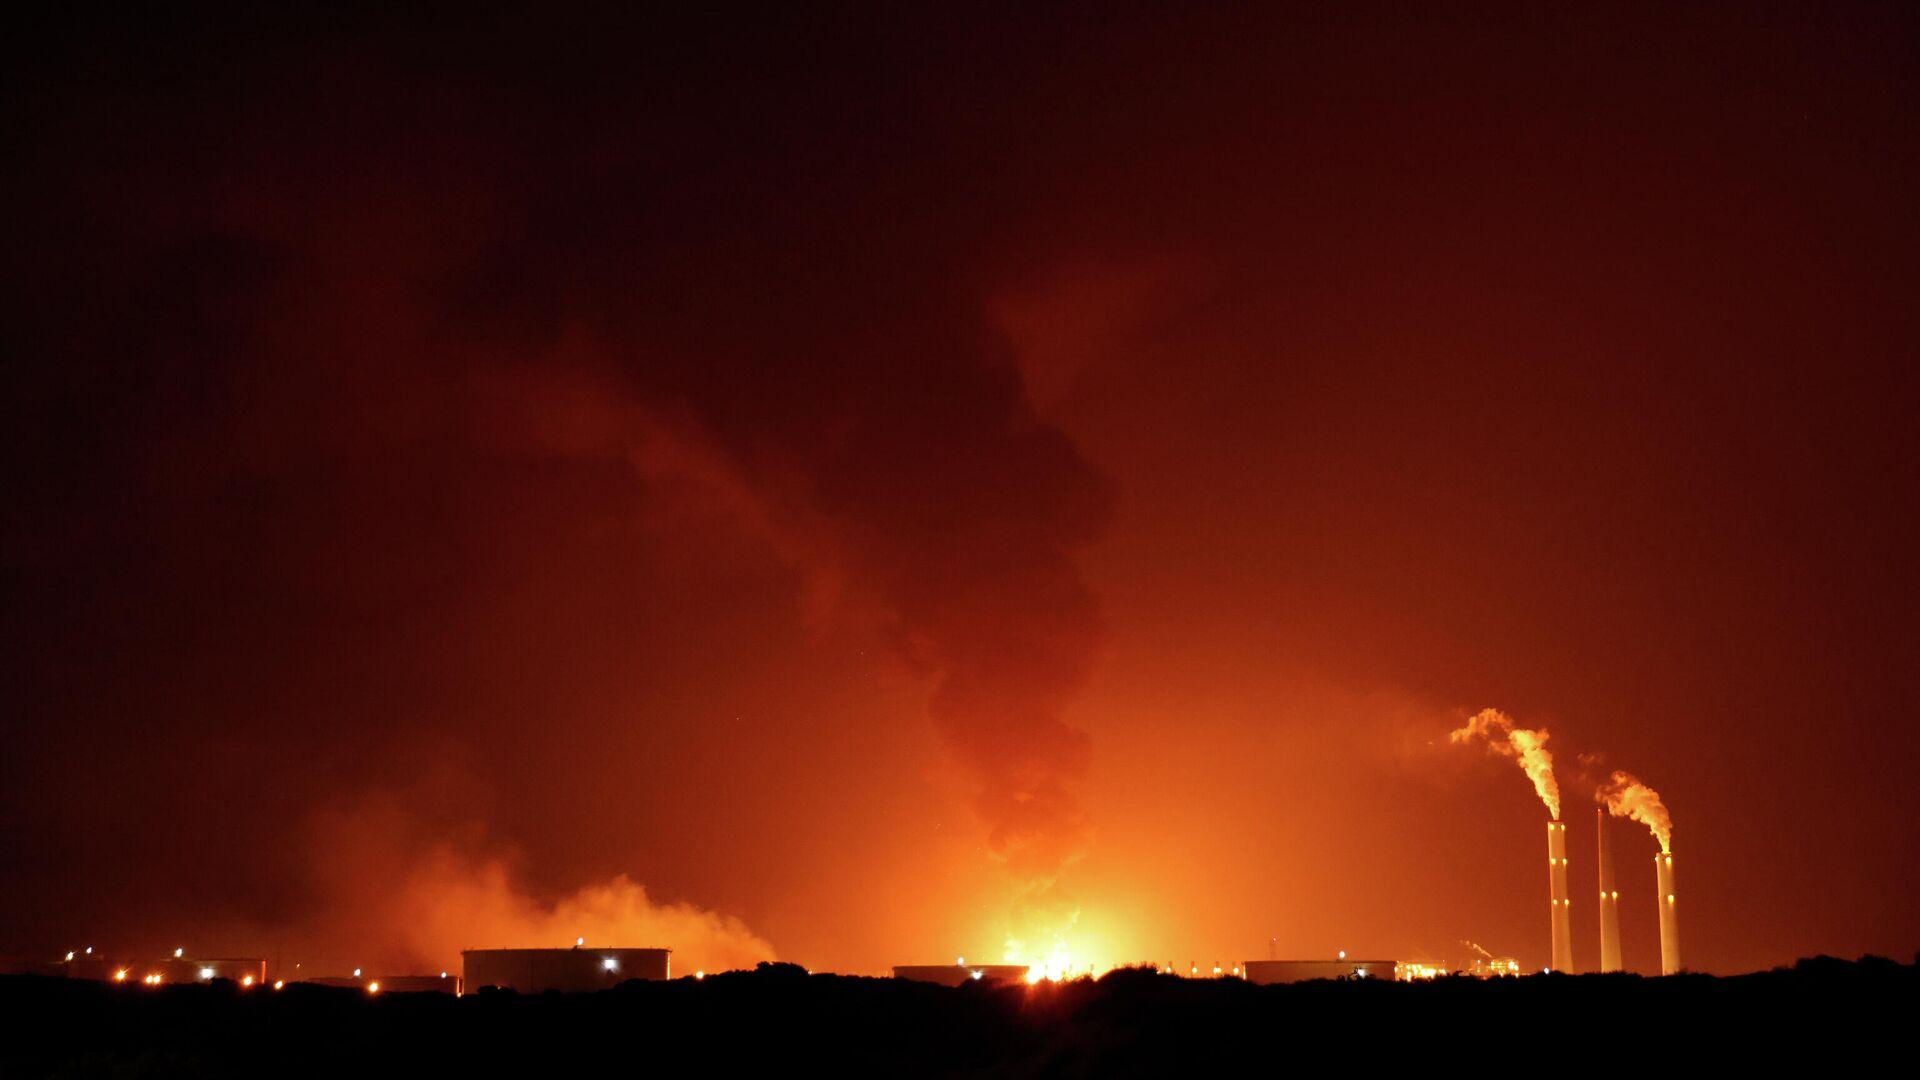 Ataques con cohetes desde el territorio palestino de Gaza contra instalaciones israelíes - Sputnik Mundo, 1920, 13.05.2021